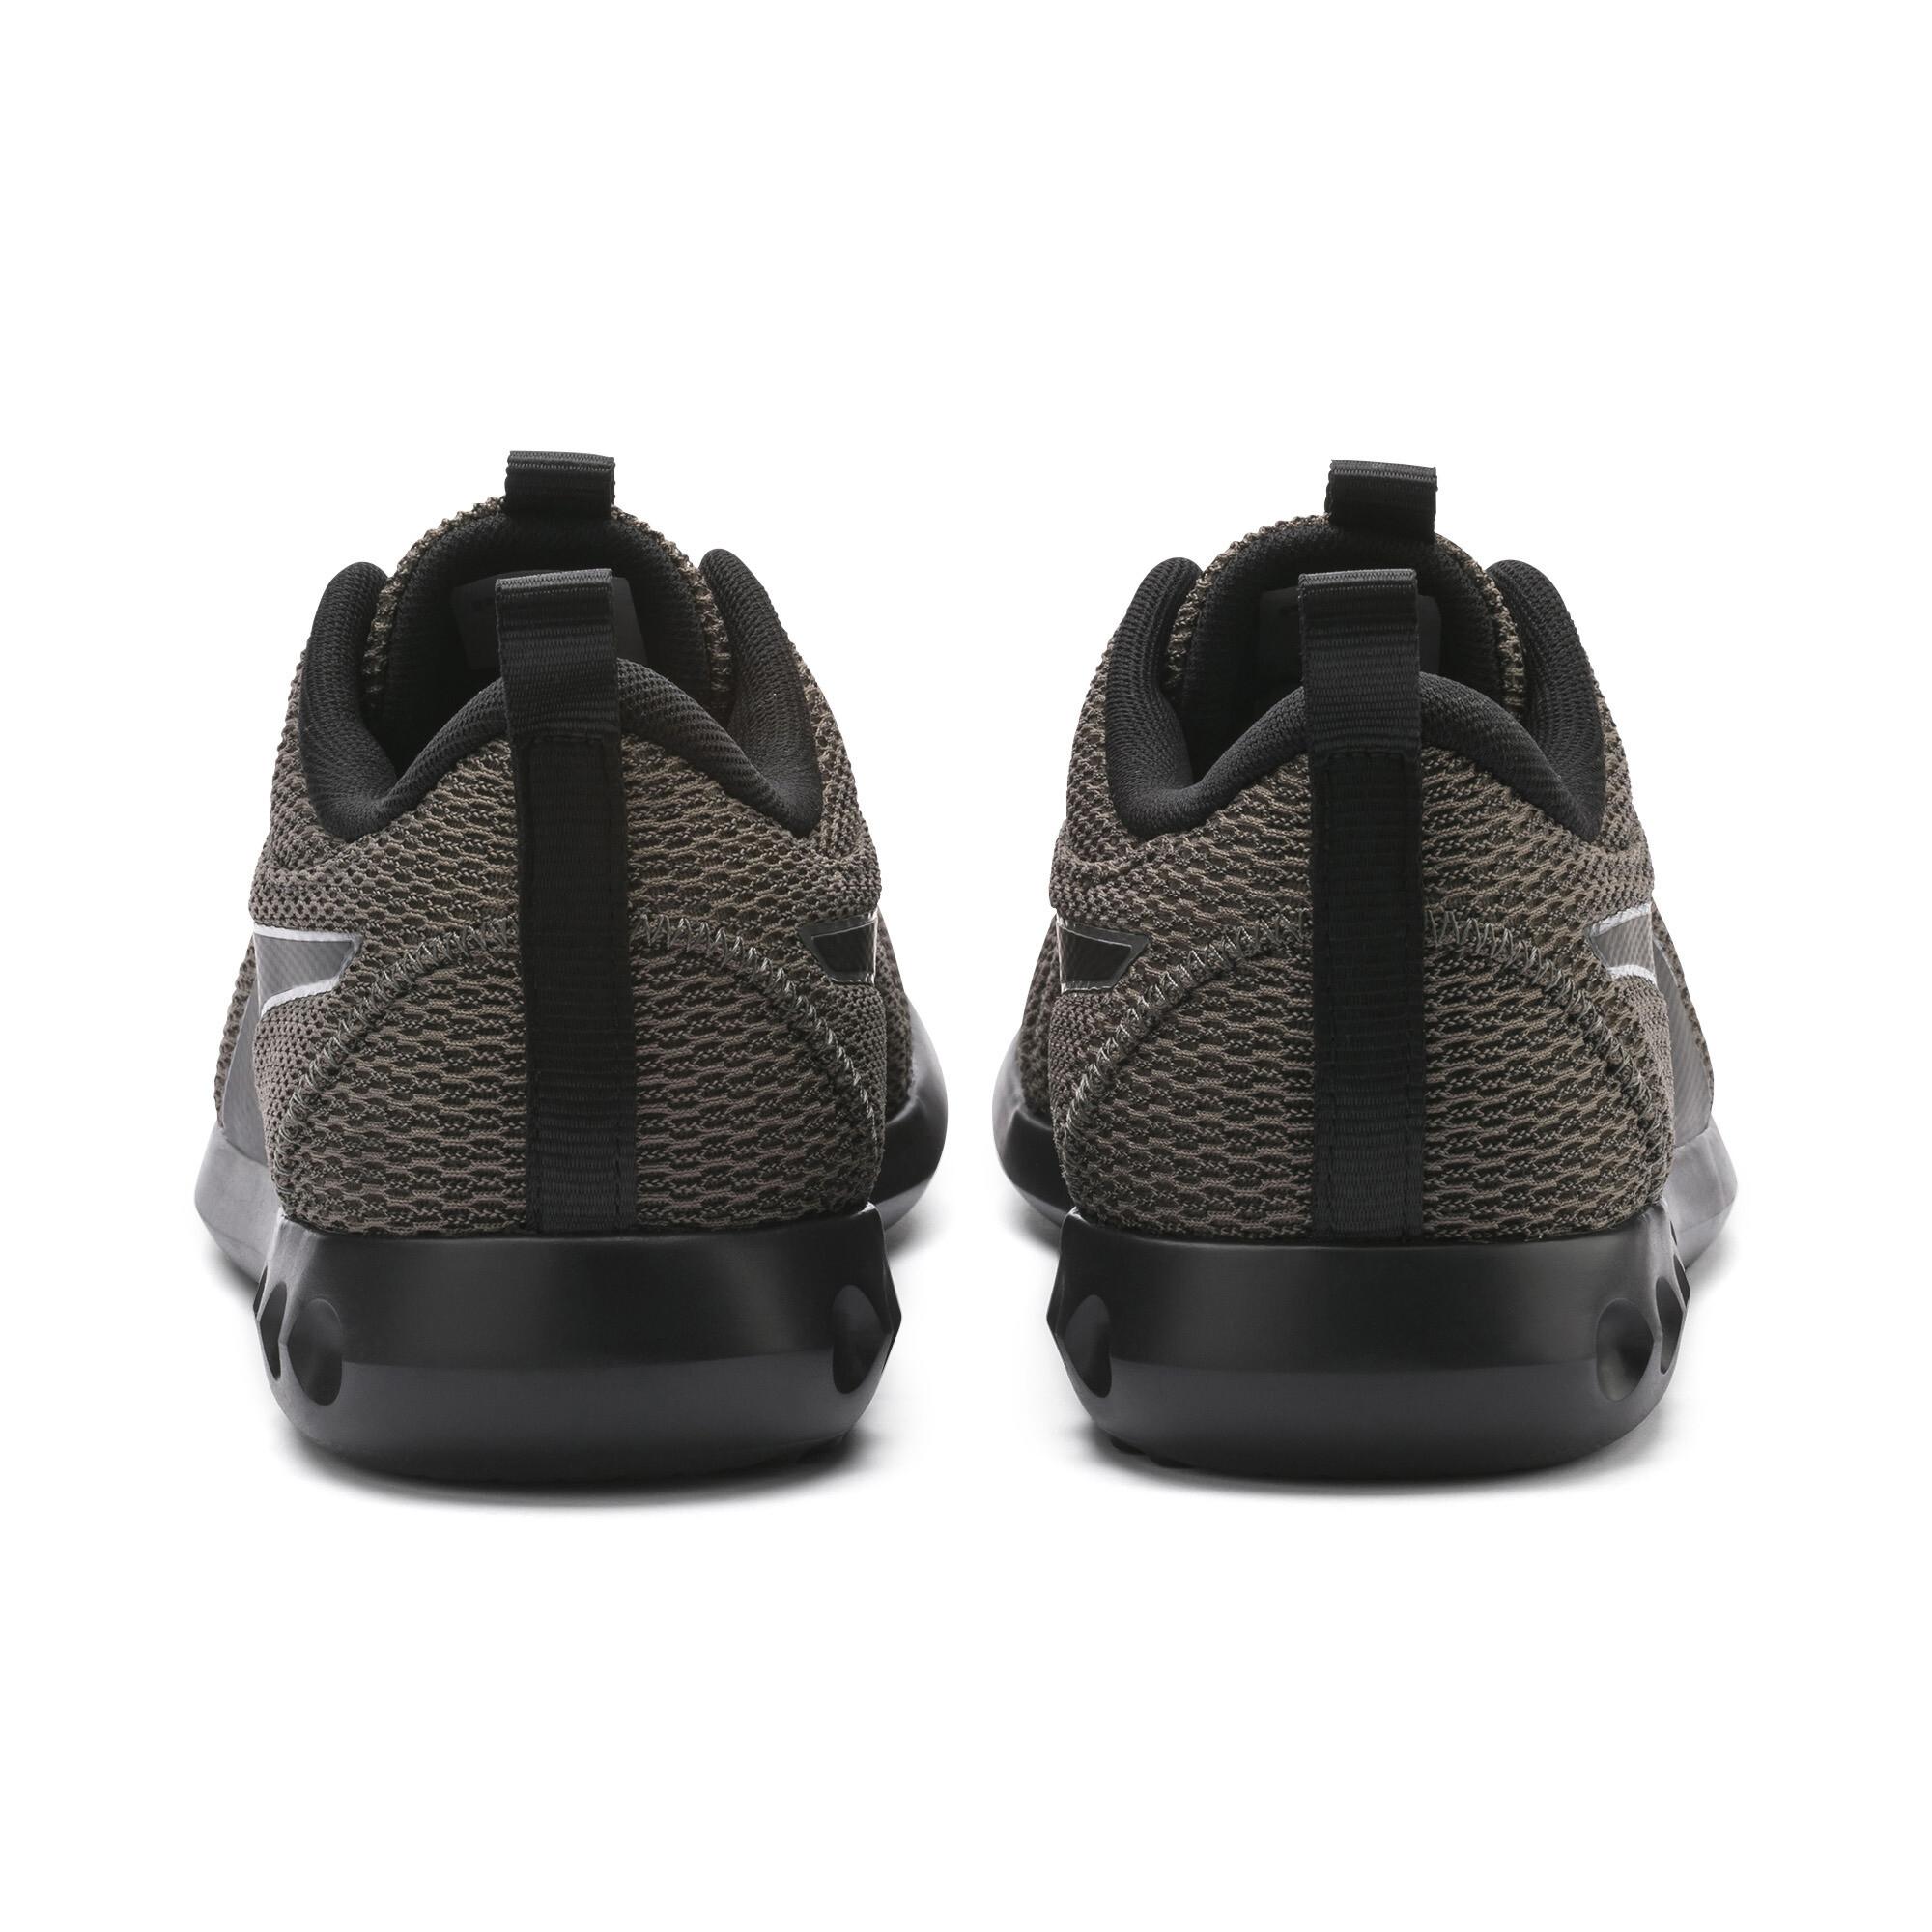 Details zu PUMA Carson 2 New Core Herren Laufschuhe Männer Schuhe Laufen Neu